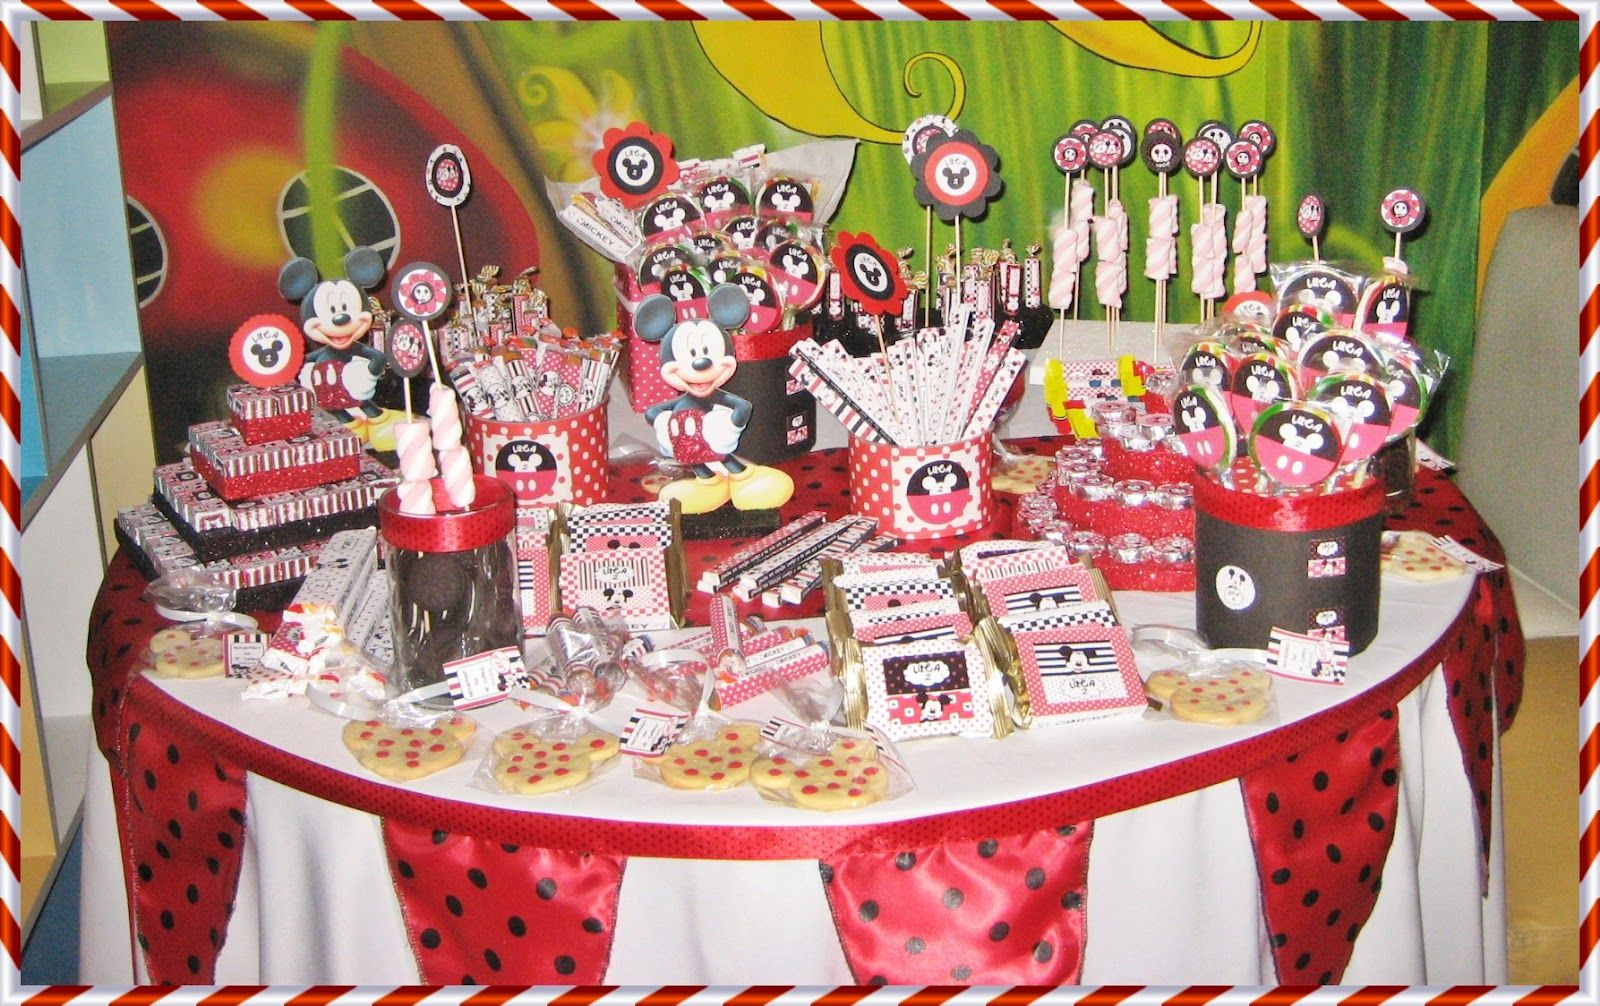 Minnie Mouse Party´s | Minnie Mouse Party´s Libbi | Pinterest ...